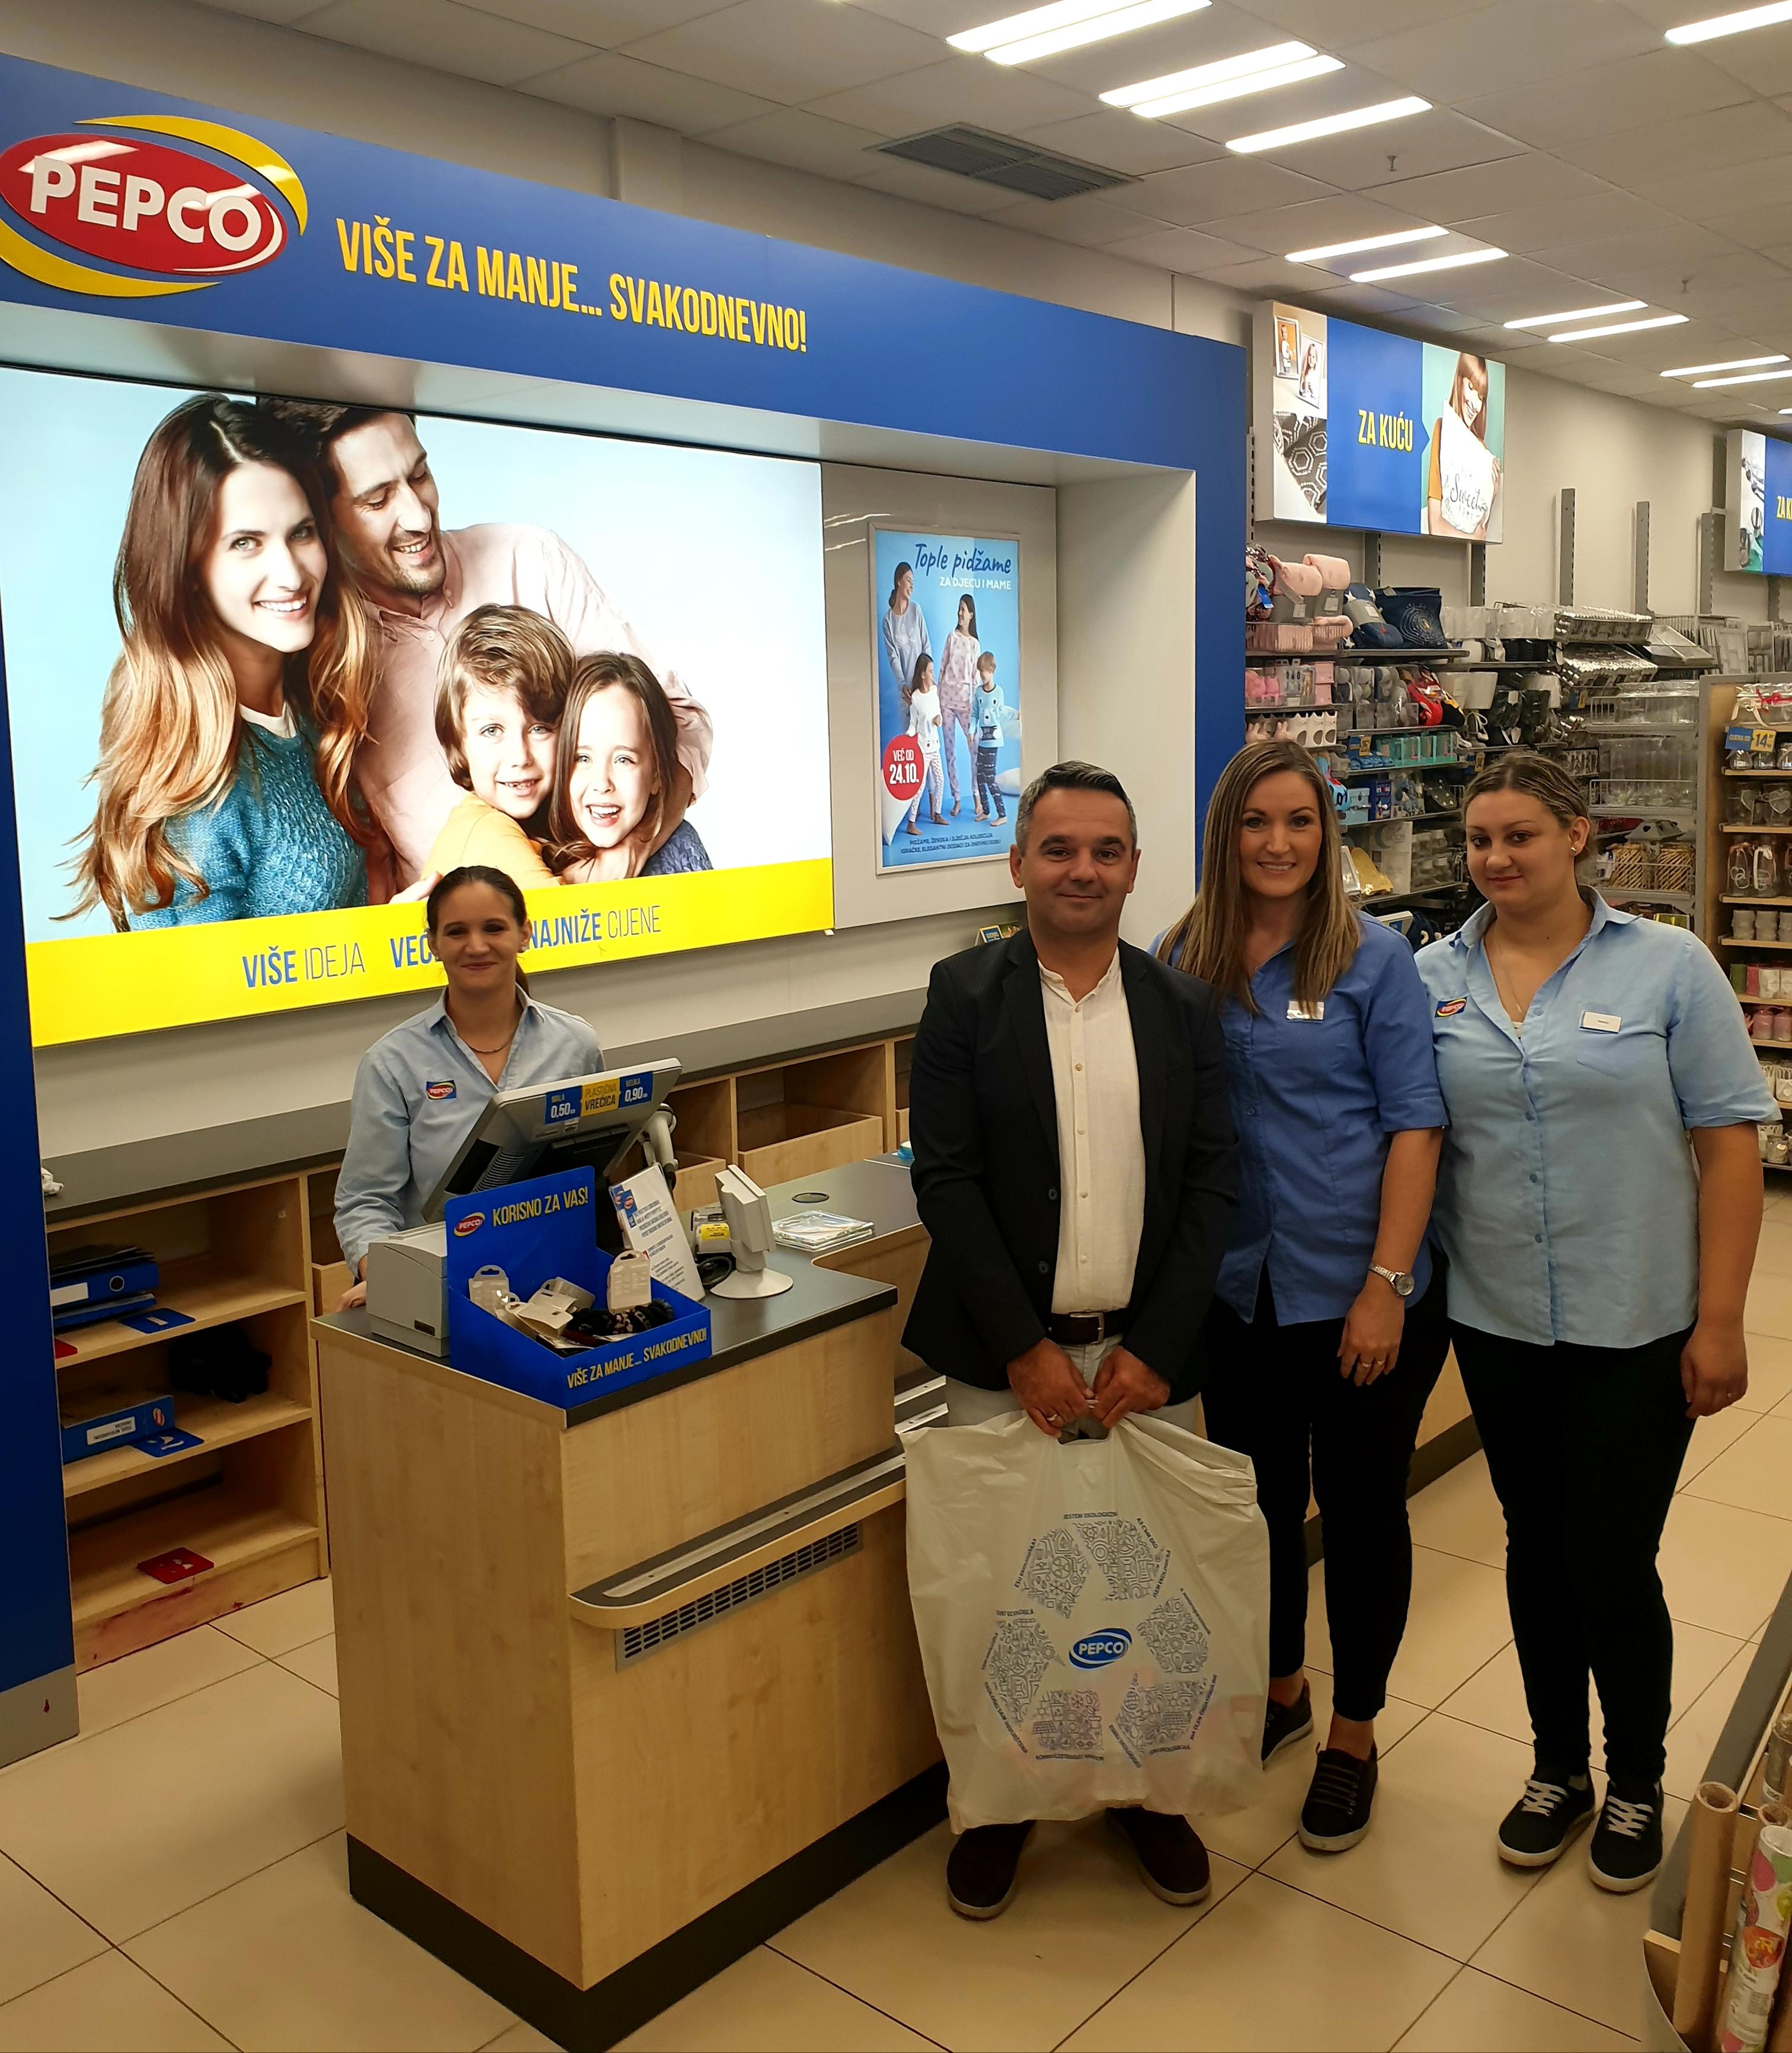 Donacija tvrtke PEPCO Croatia d.o.o. - ravnatelj s djelatnicama tvrtke